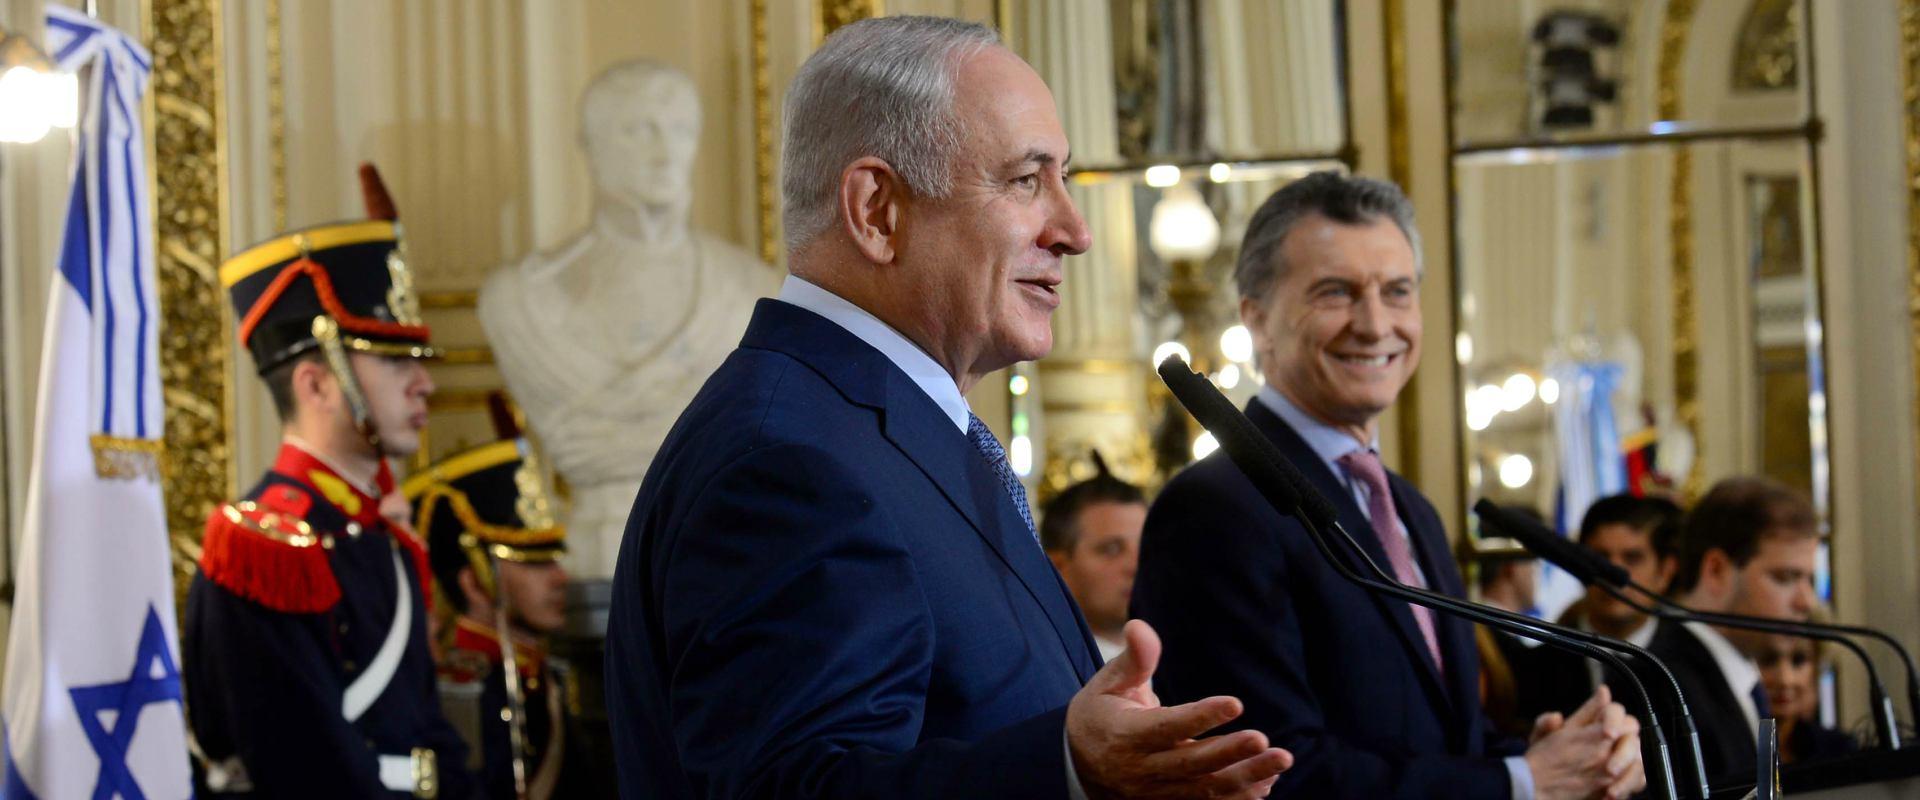 ראש הממשלה נתניהו בארגנטינה